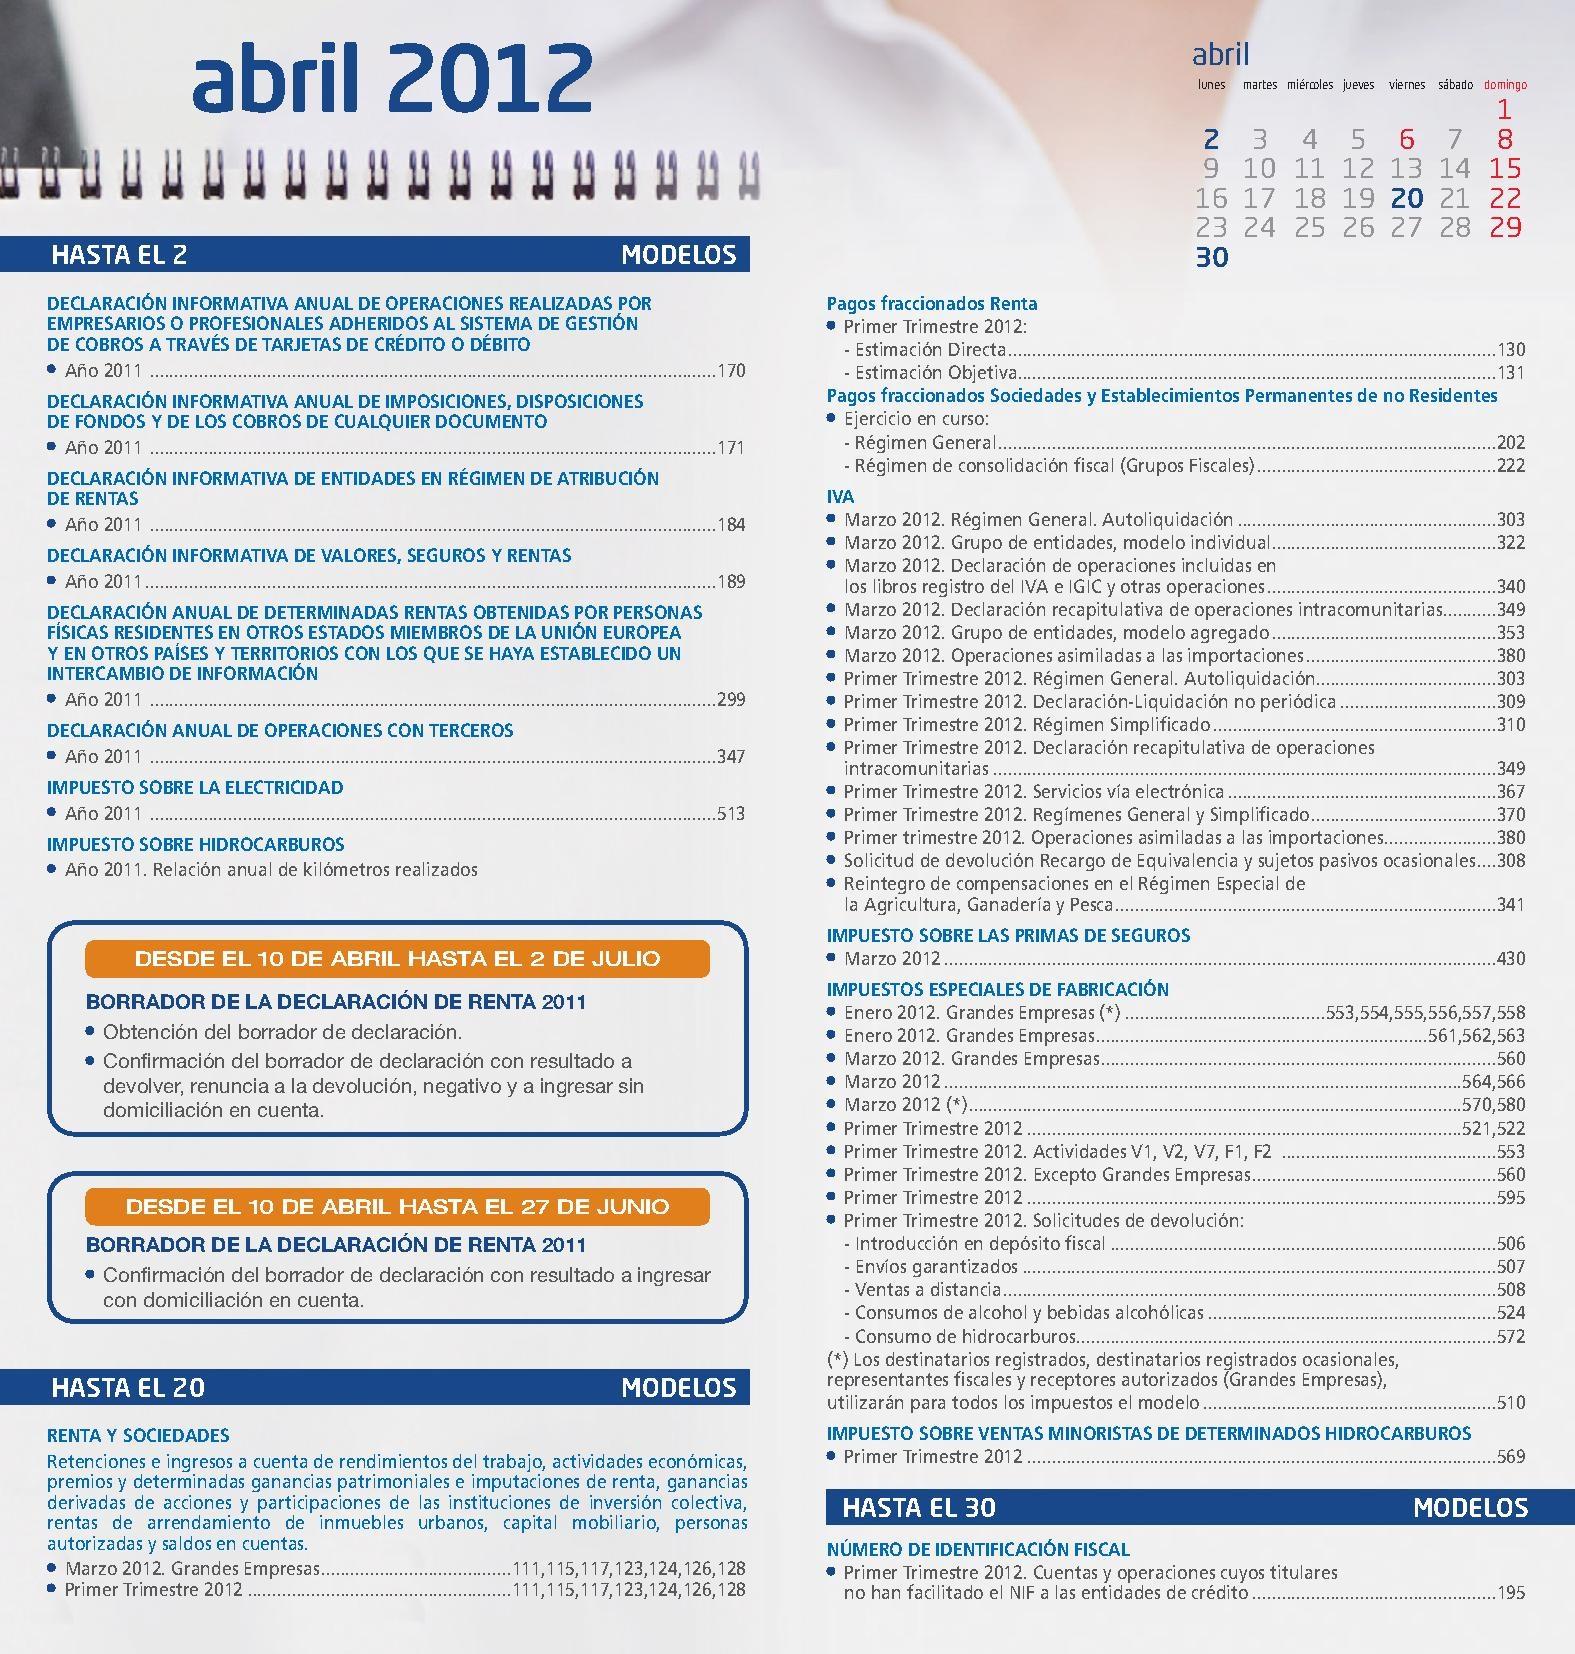 calendario-del-contribuyente-2012